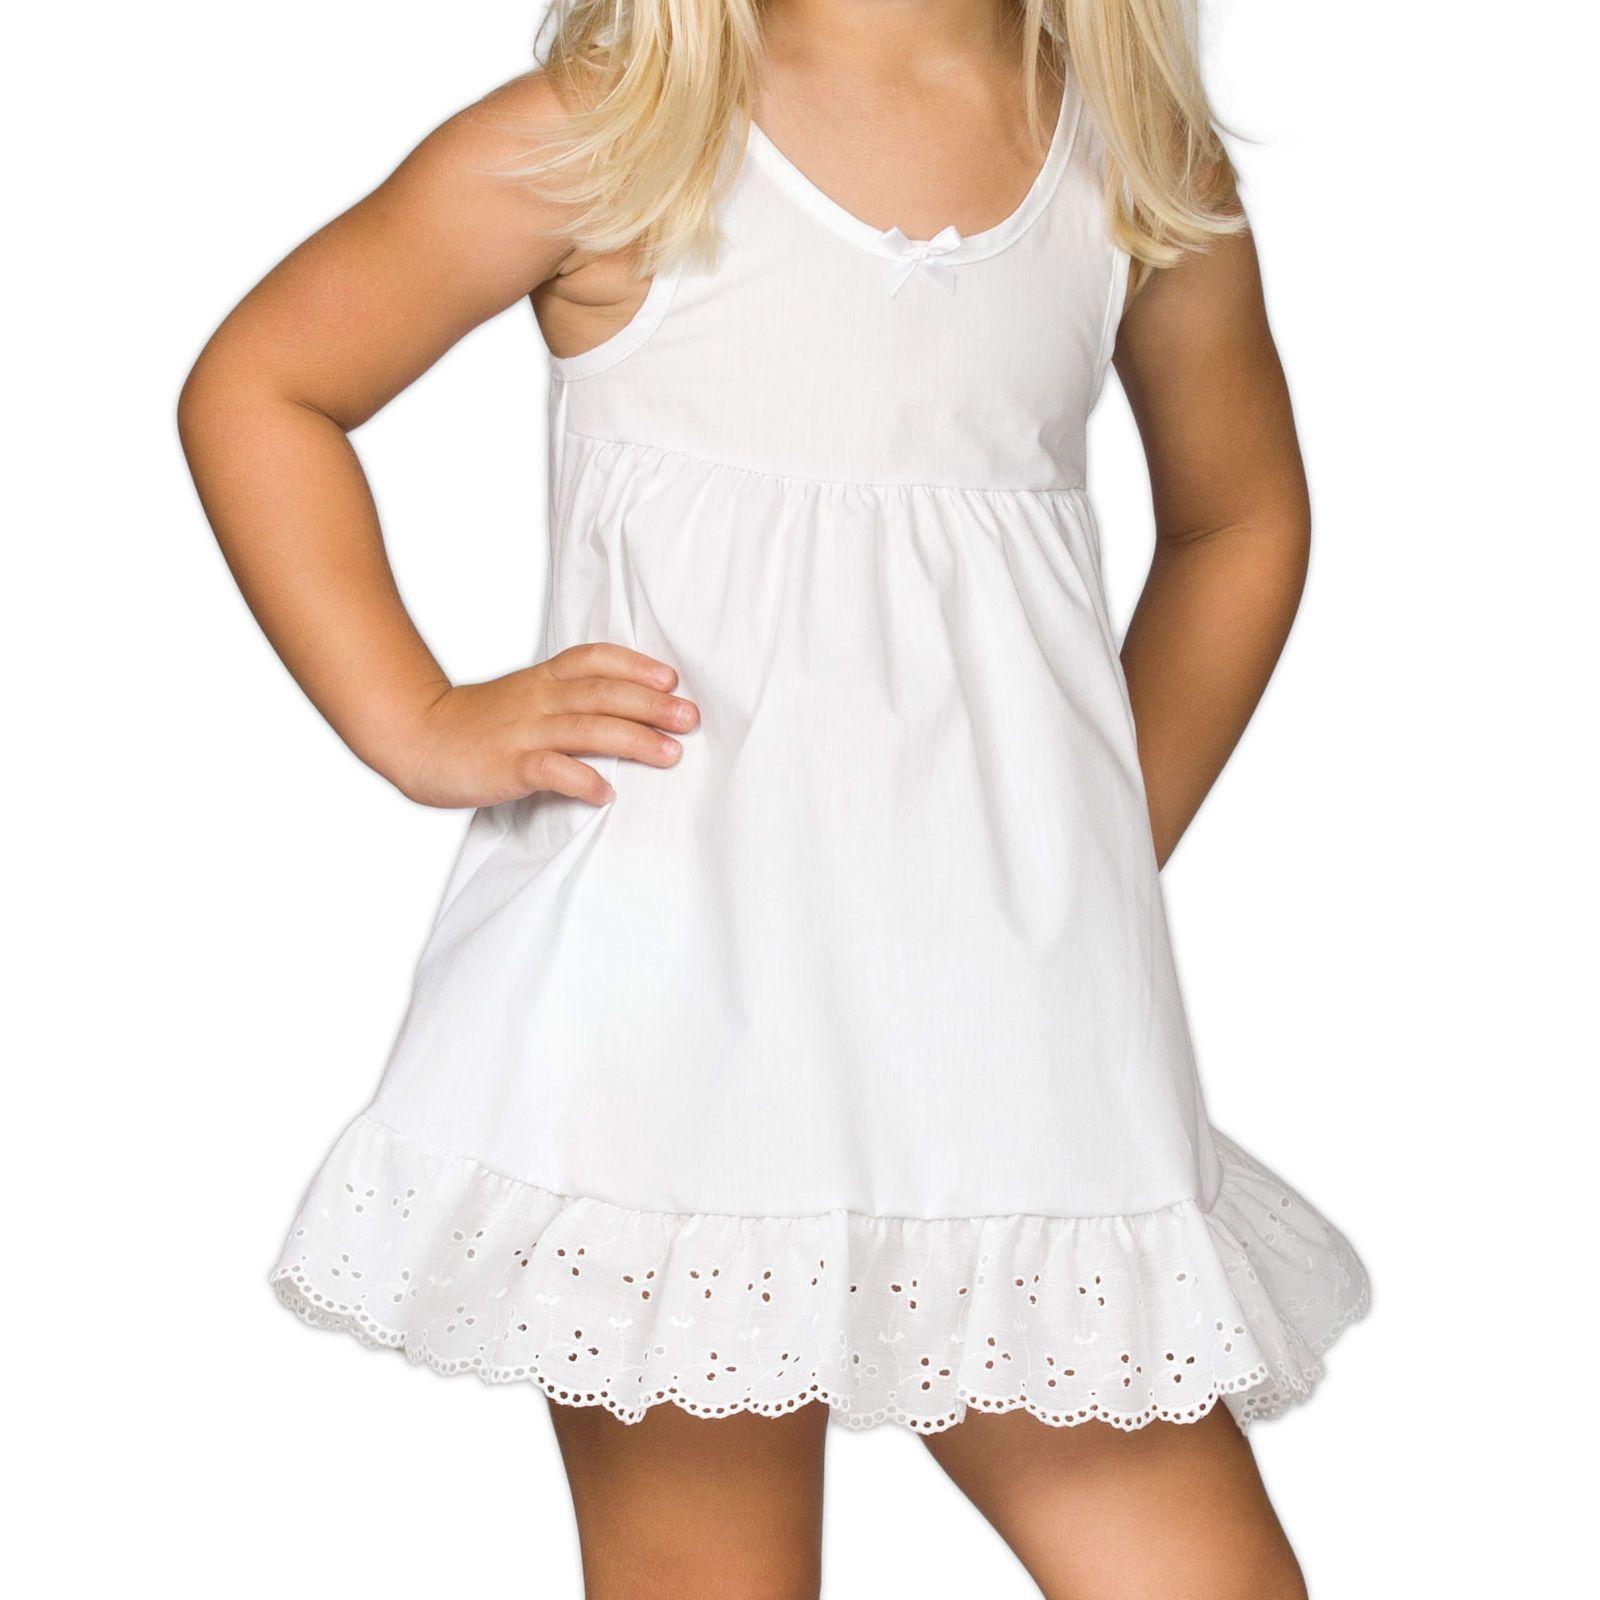 2T - 14 Girls White Bouffant Full-Slip Petticoat Extra Full,